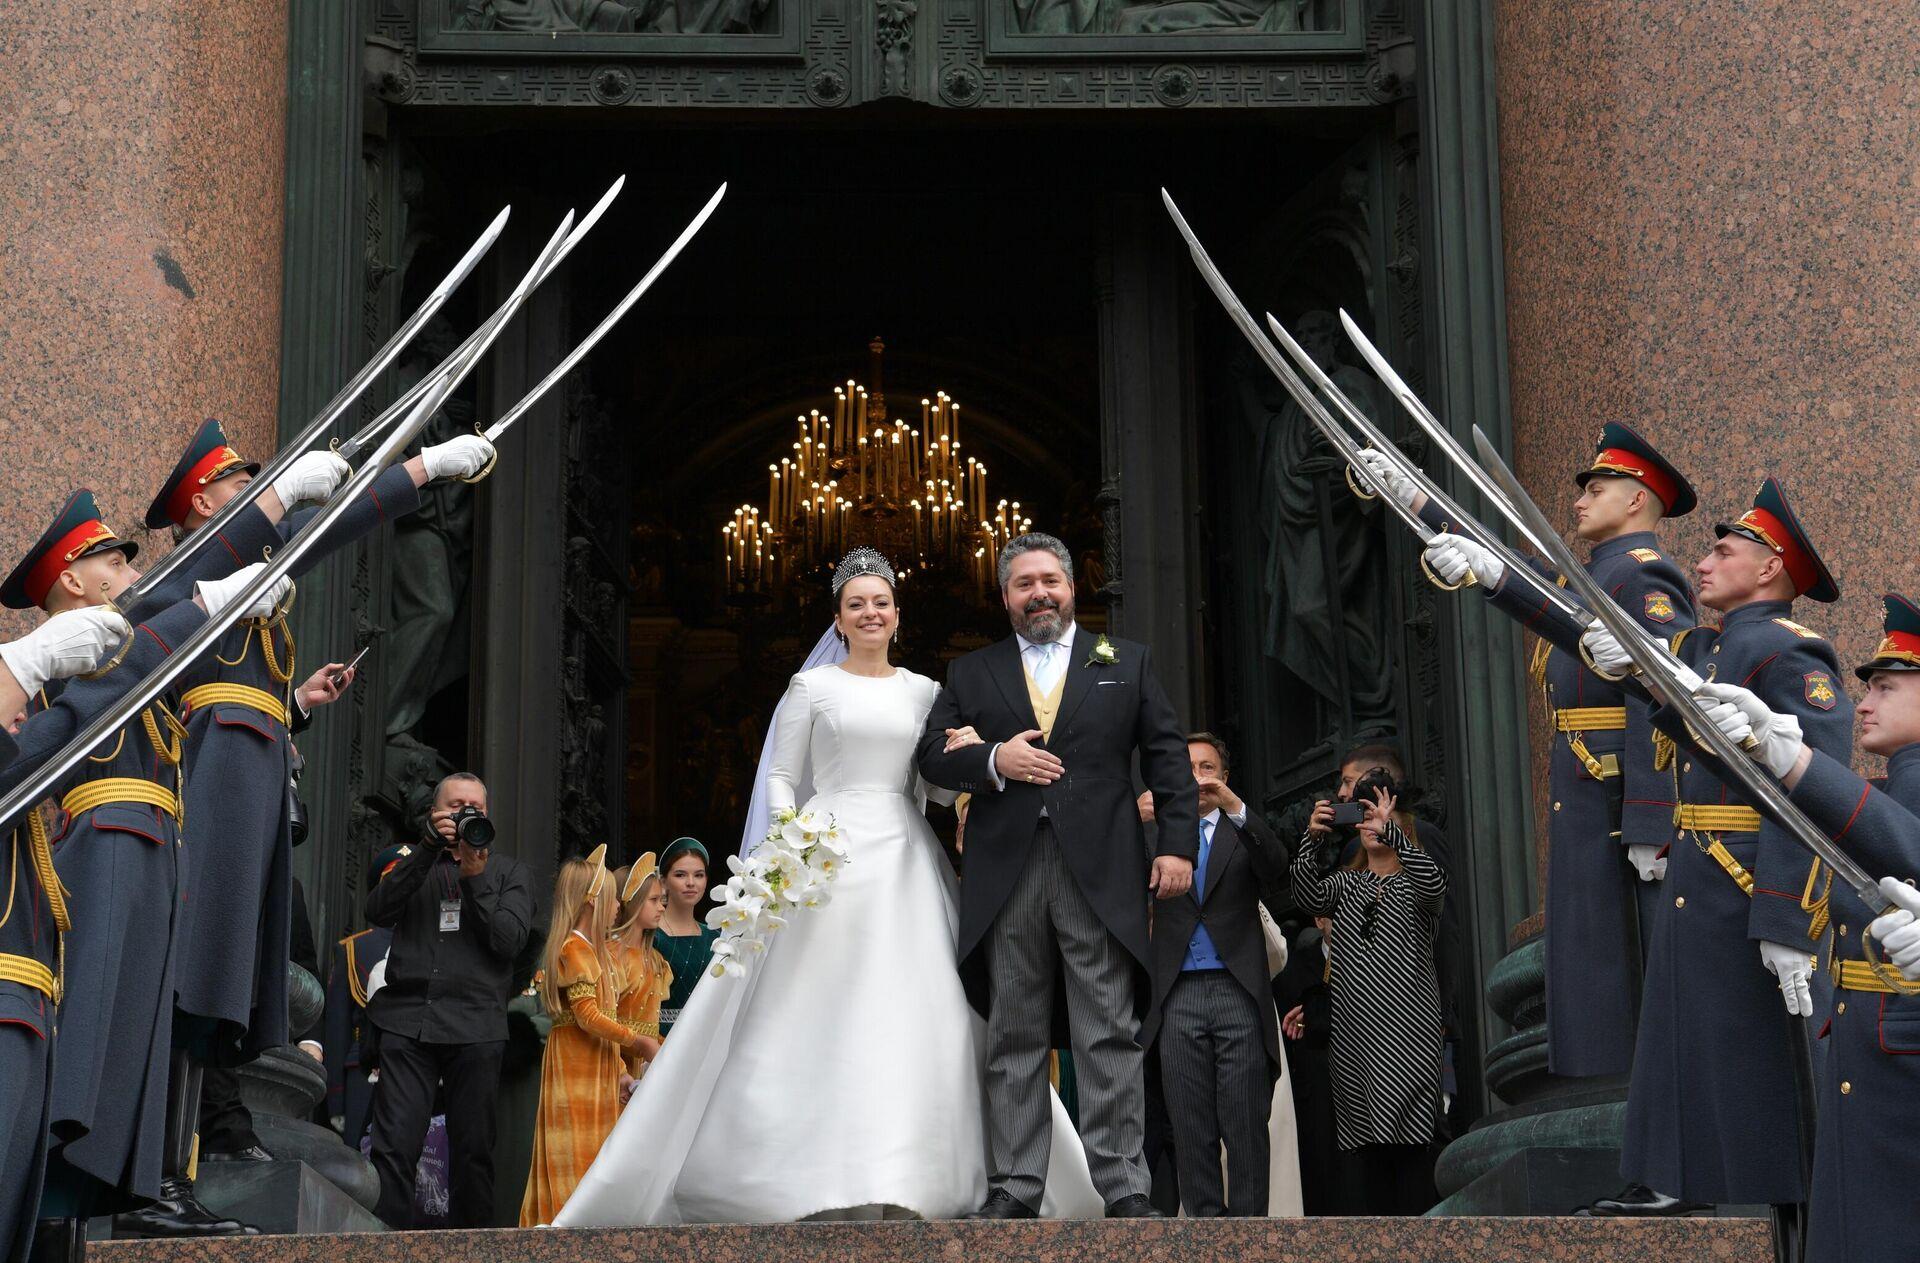 Η γαμήλια τελετή έγινε στον Καθεδρικό ναό του Αγίου Ισαάκ στην Αγία Πετρούπολη  - Sputnik Ελλάδα, 1920, 01.10.2021